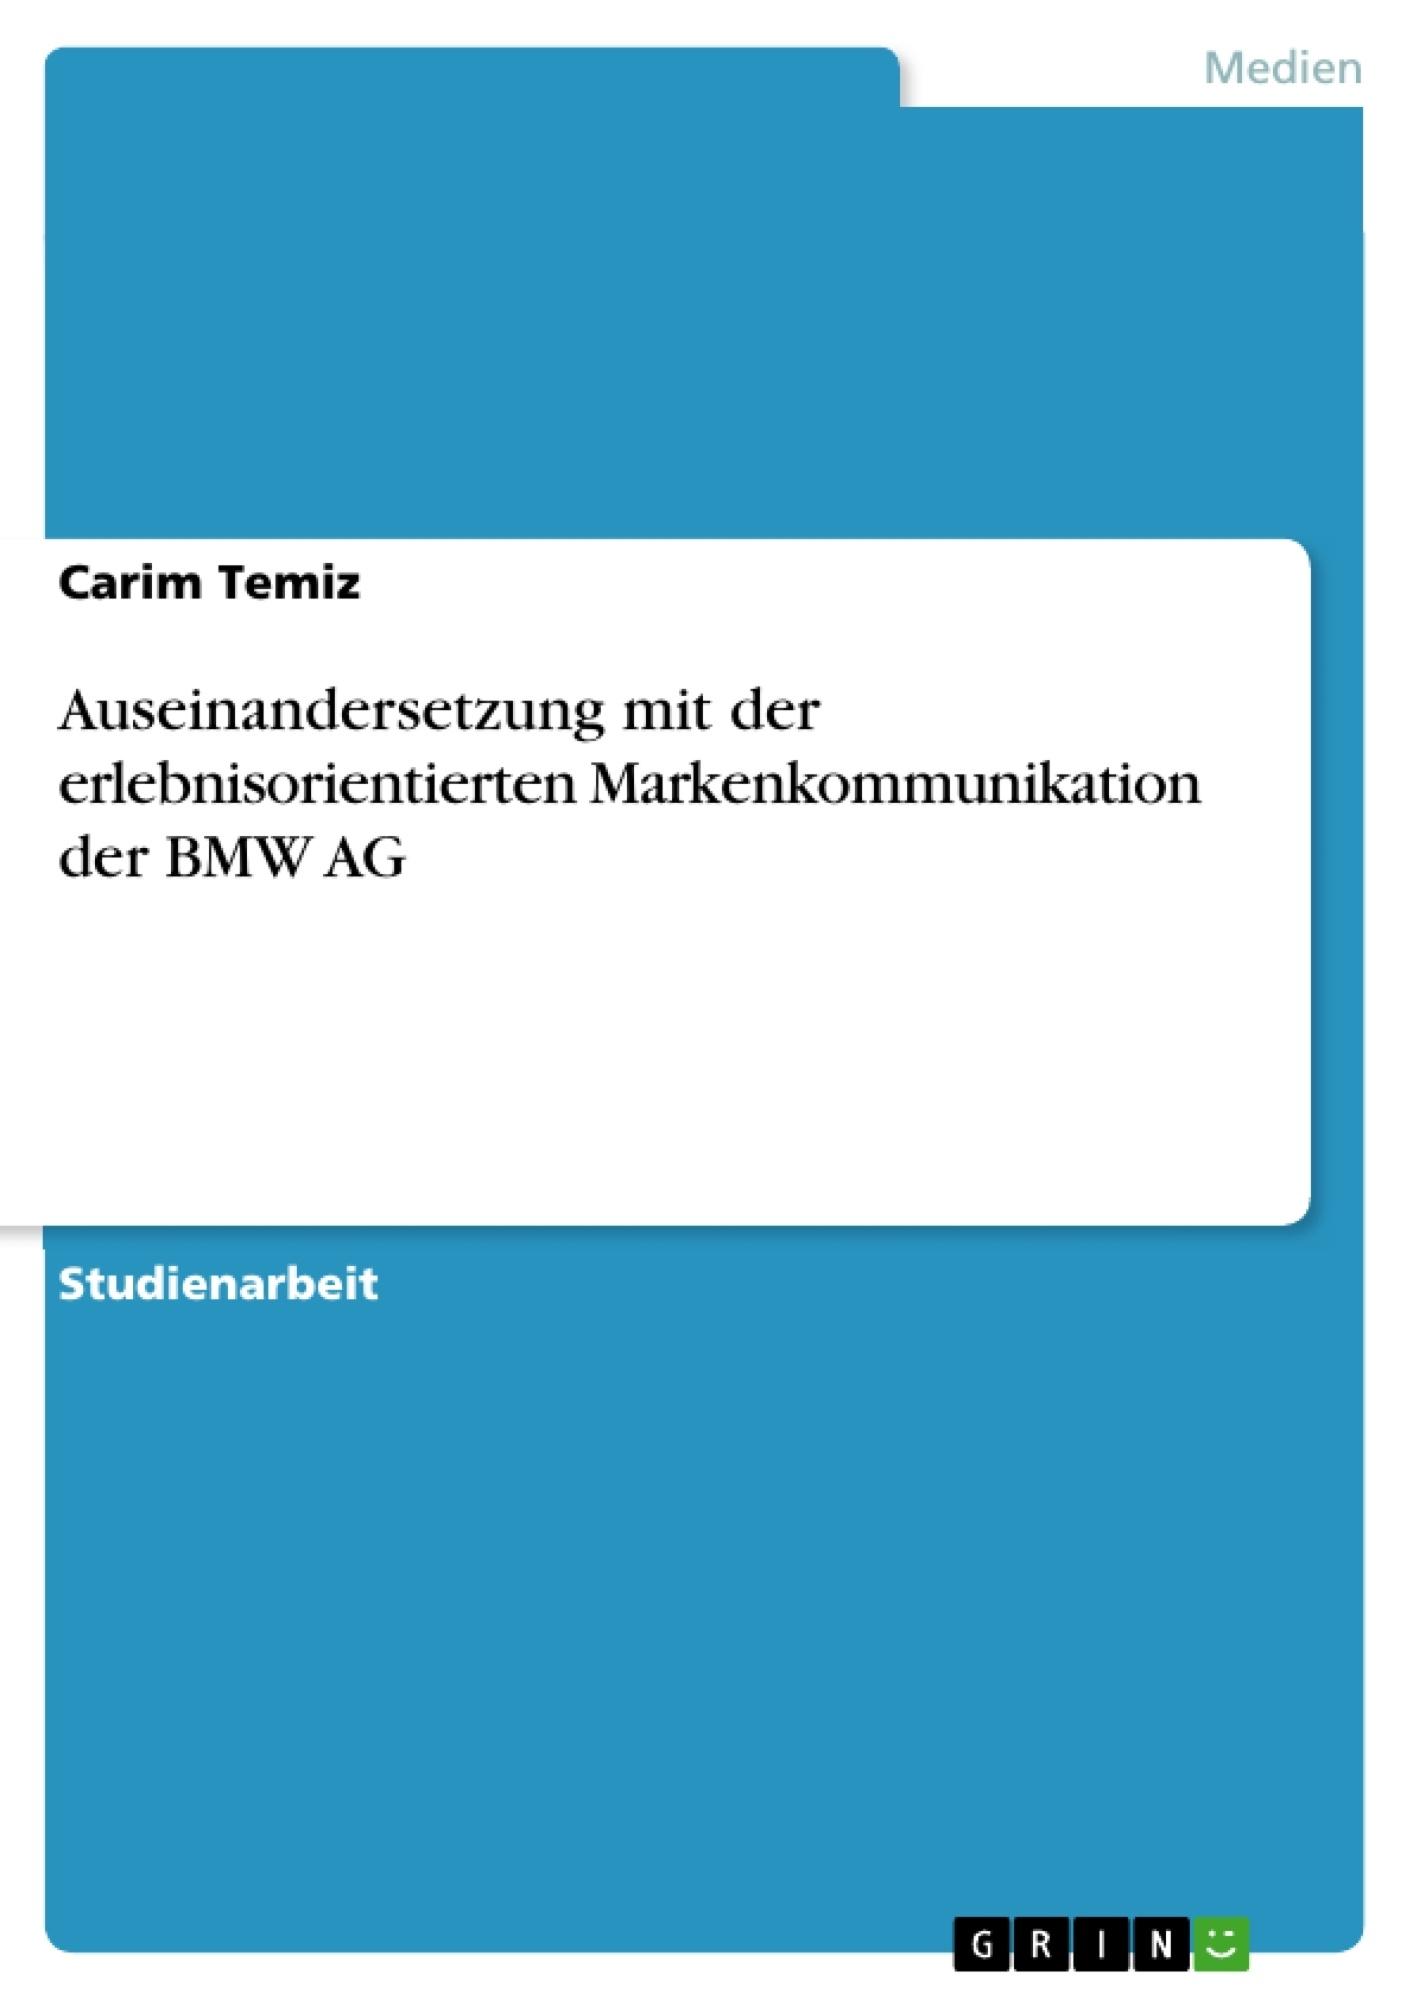 Titel: Auseinandersetzung mit der erlebnisorientierten Markenkommunikation der BMW AG